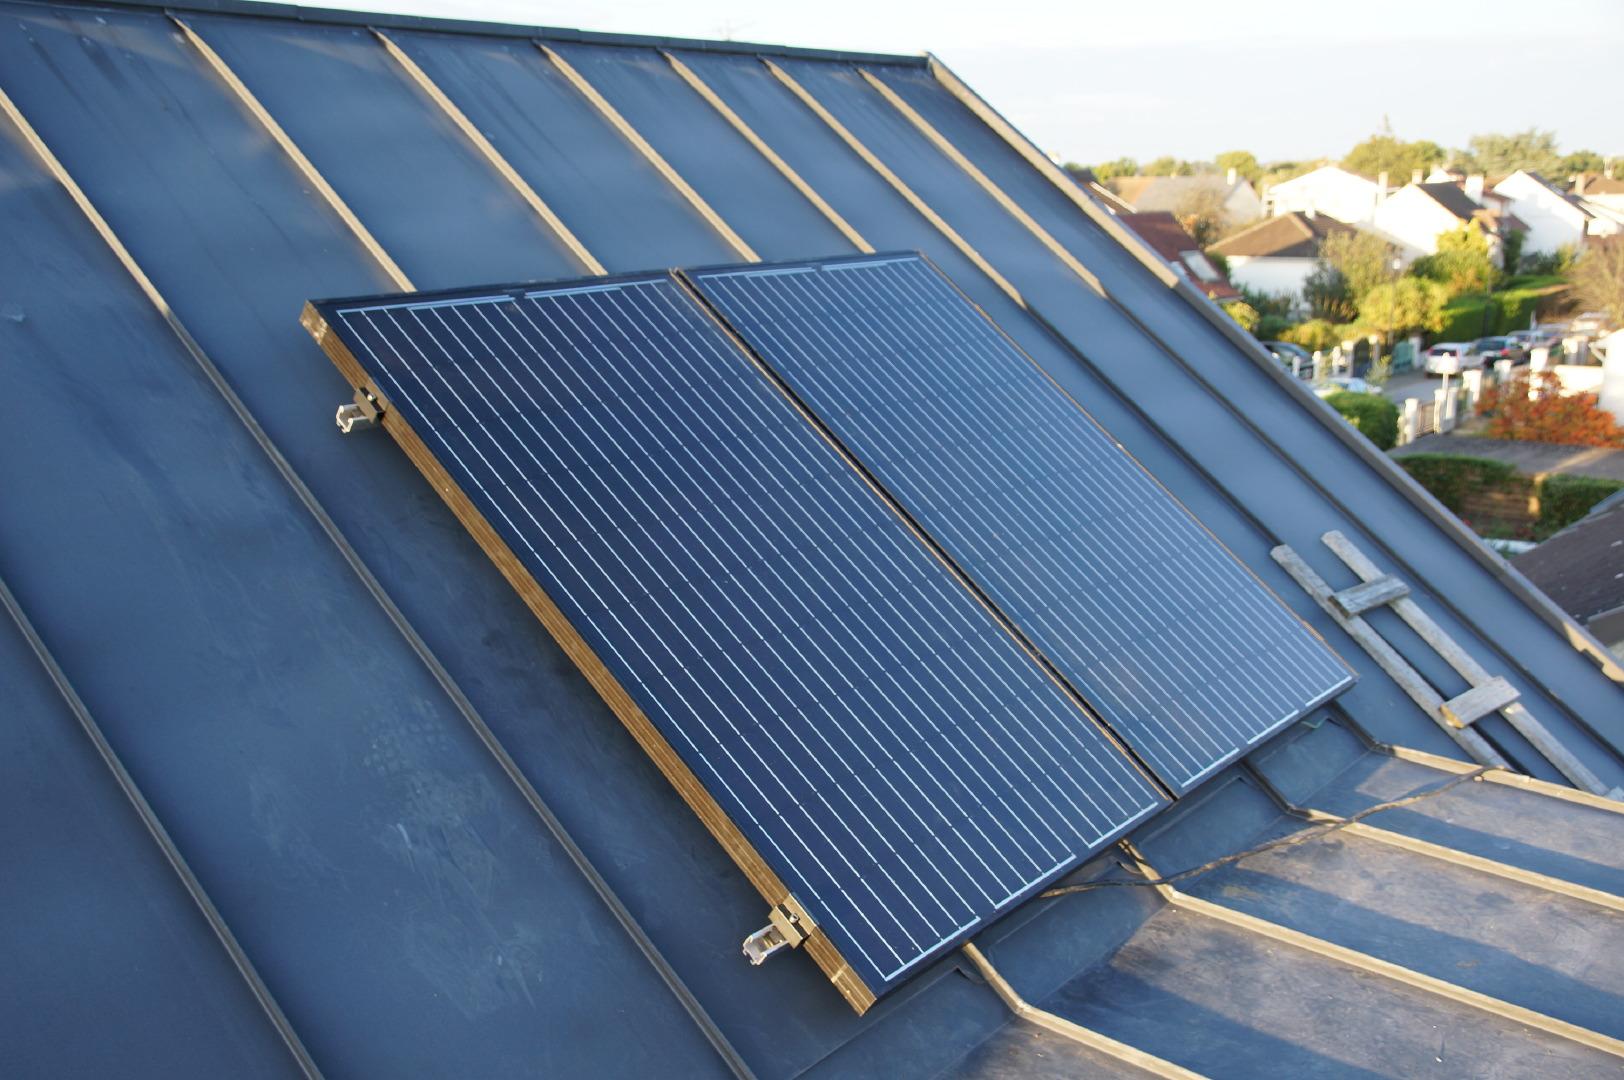 fixation panneau solaire toiture de panneau solaire lyon with fixation panneau solaire toiture. Black Bedroom Furniture Sets. Home Design Ideas